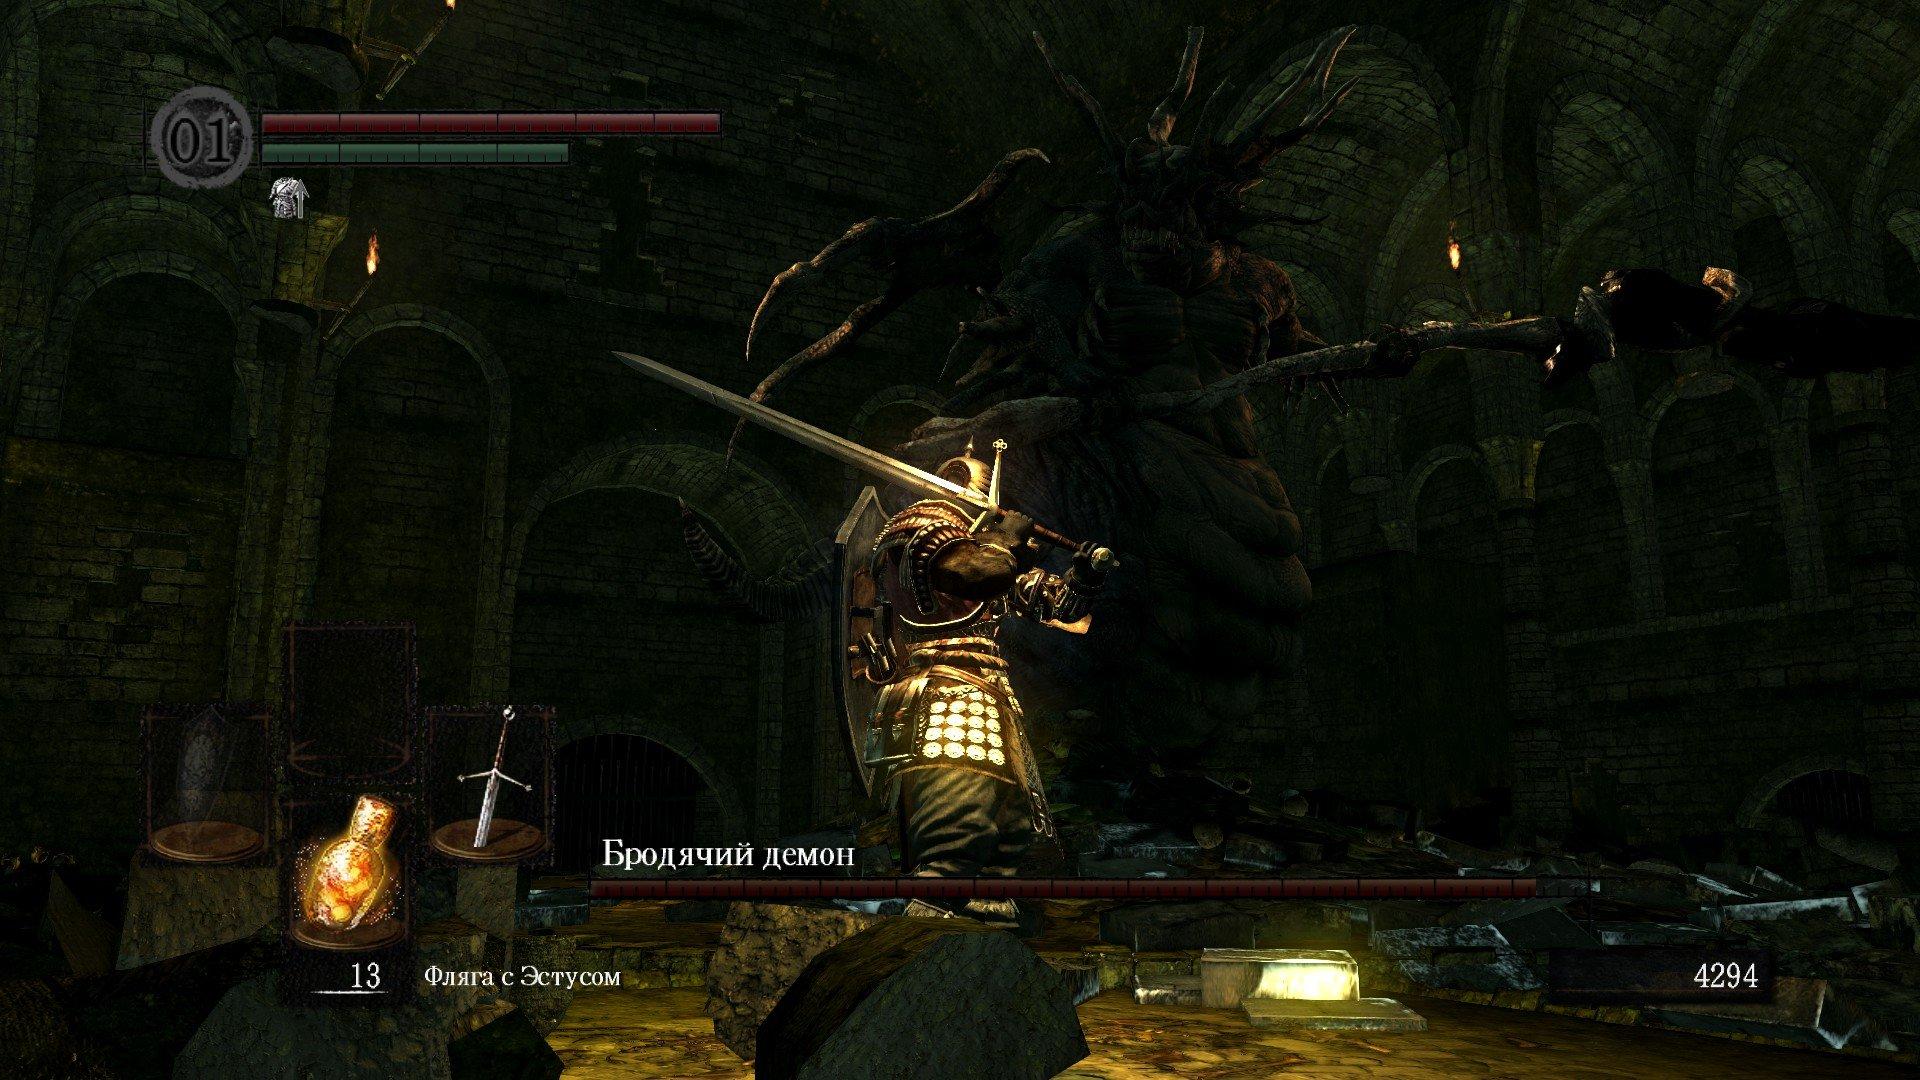 Вопль-прохождение Dark Souls часть 2 ... все в одном посте ... все еще думаю над названием!. - Изображение 11